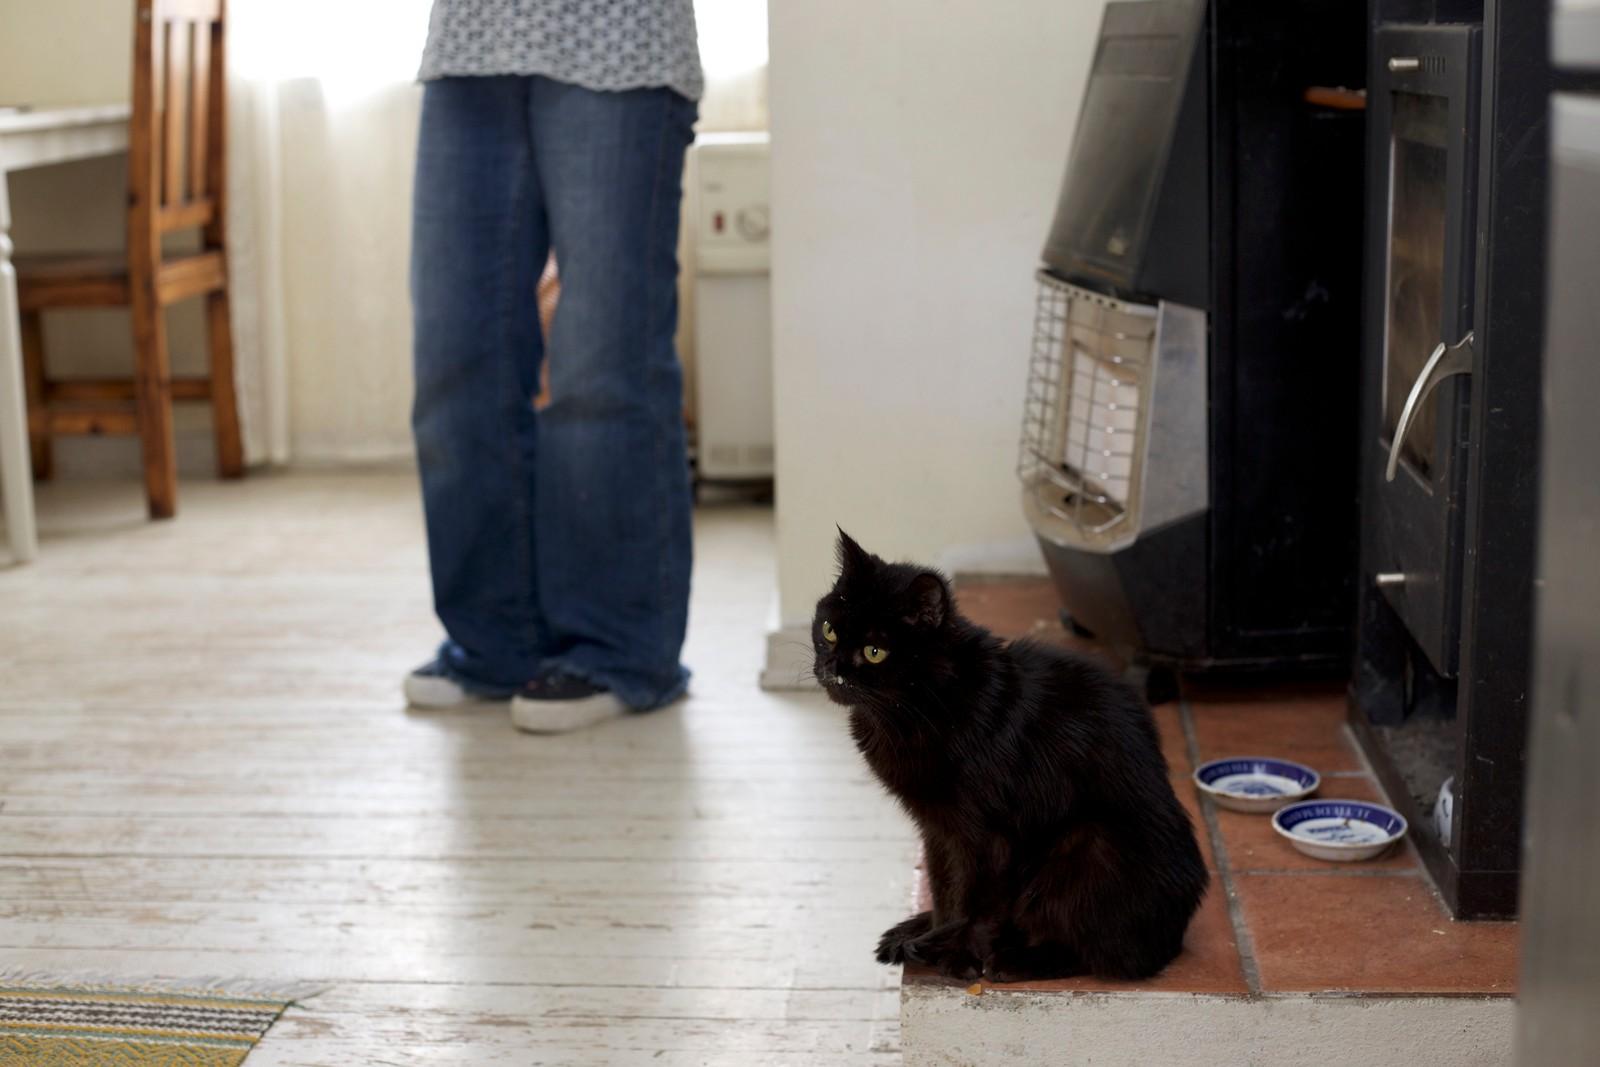 Katten Bille er ti år gammel og har vært veldig syk veldig lenge. Men hun nekter å dø. - Hun har brukt opp alle sine katteliv og mere til. Hun inspirerer meg, sier Irina.